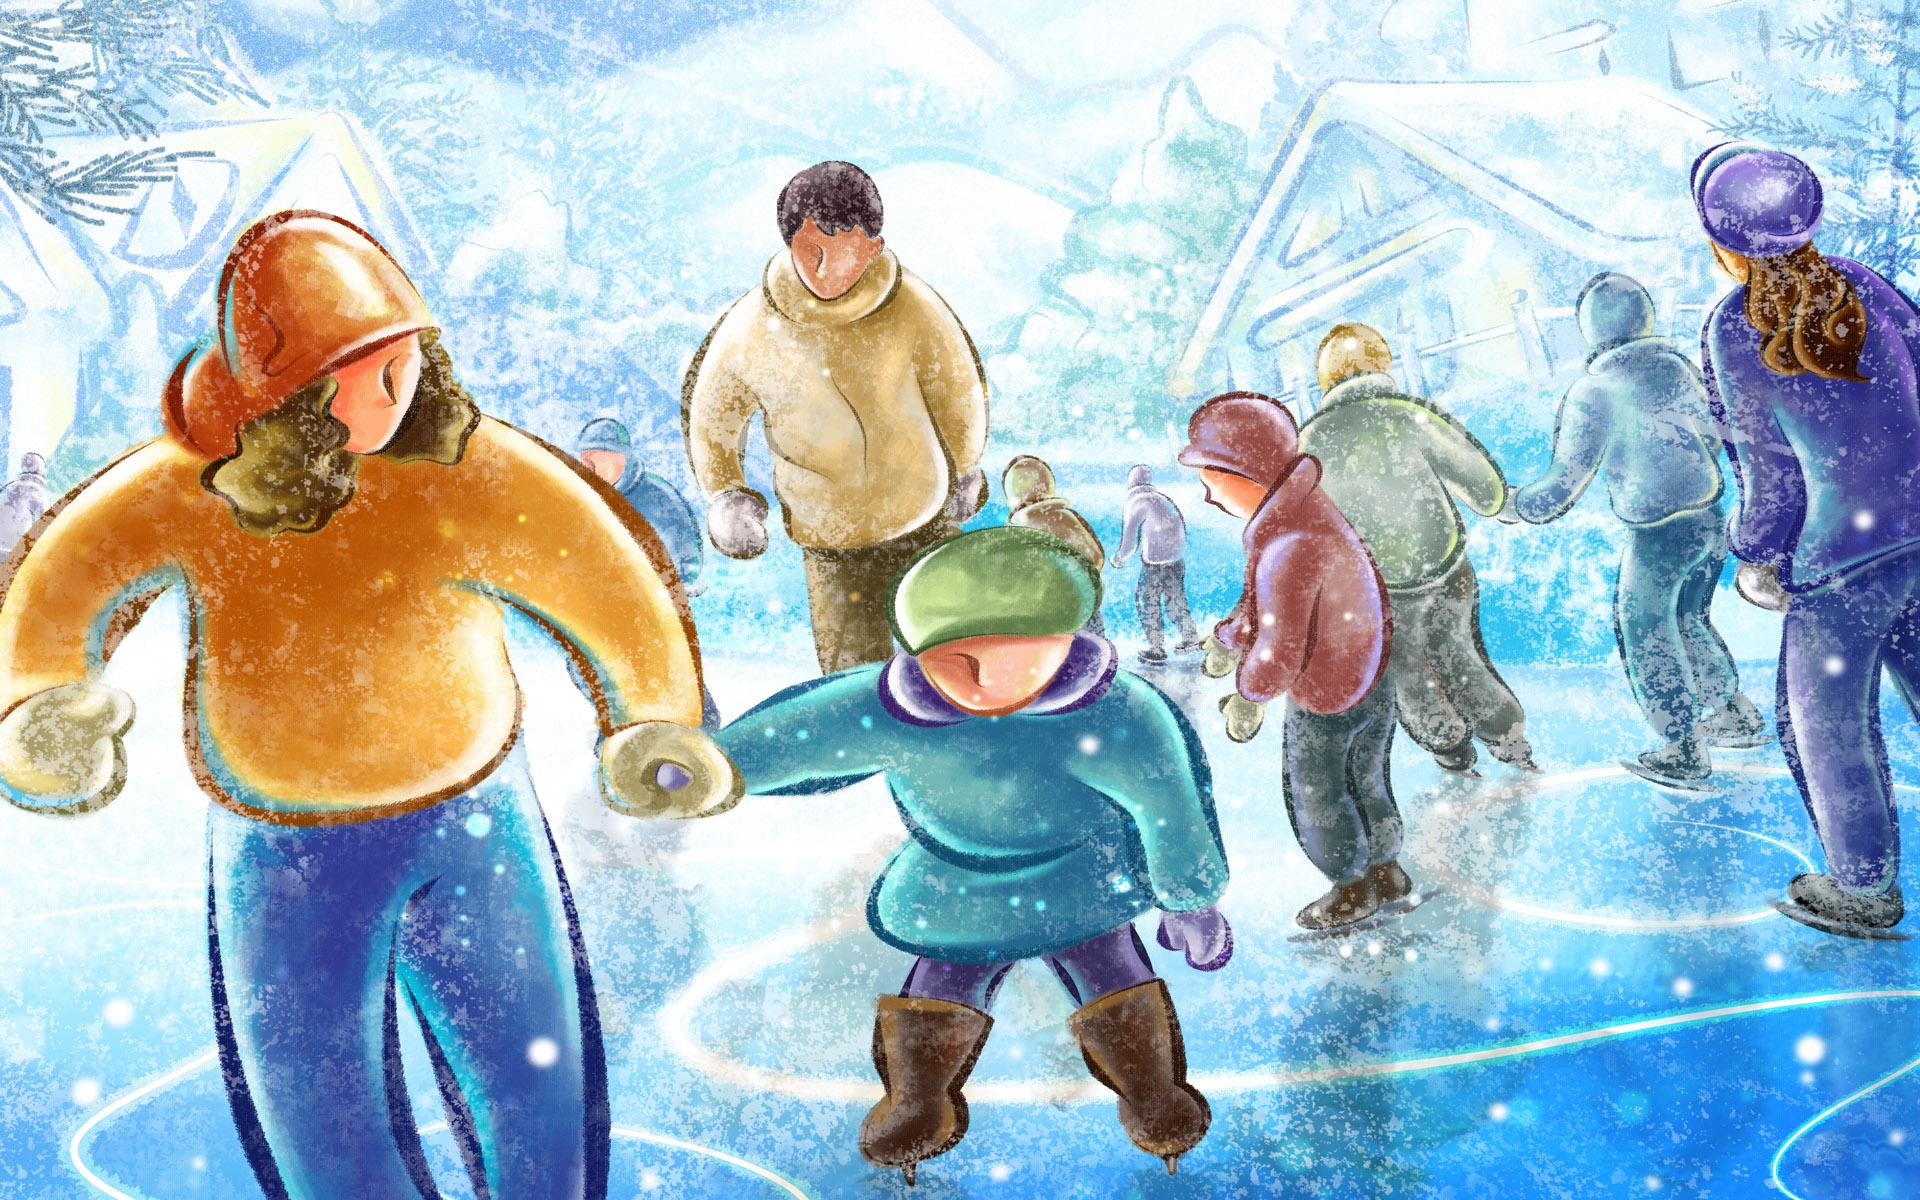 клипарт новогодние картинки на льду натурные съемки